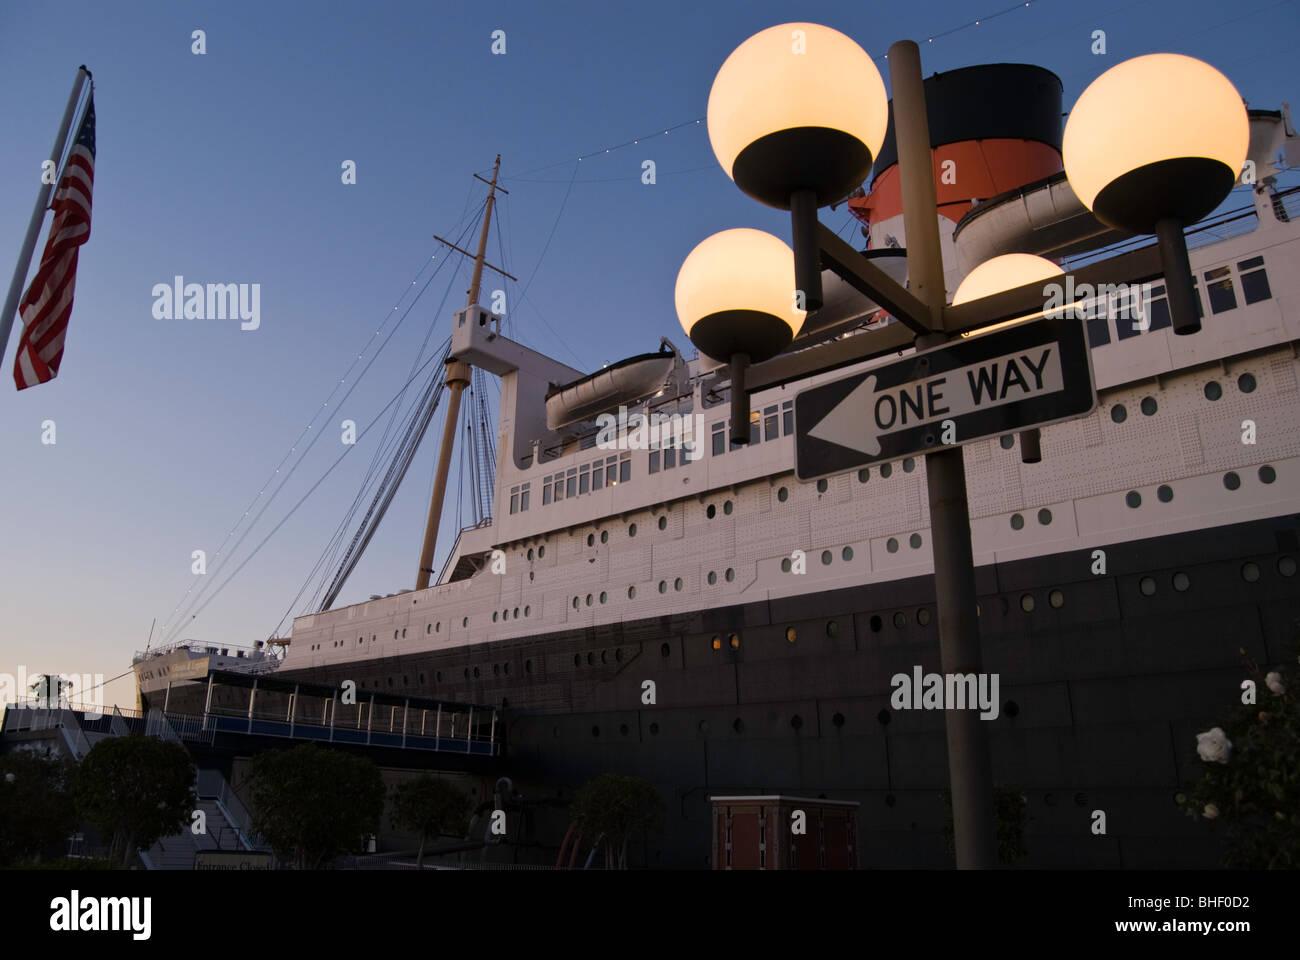 Le RMS Queen Mary à Long Beach, en Californie. Banque D'Images